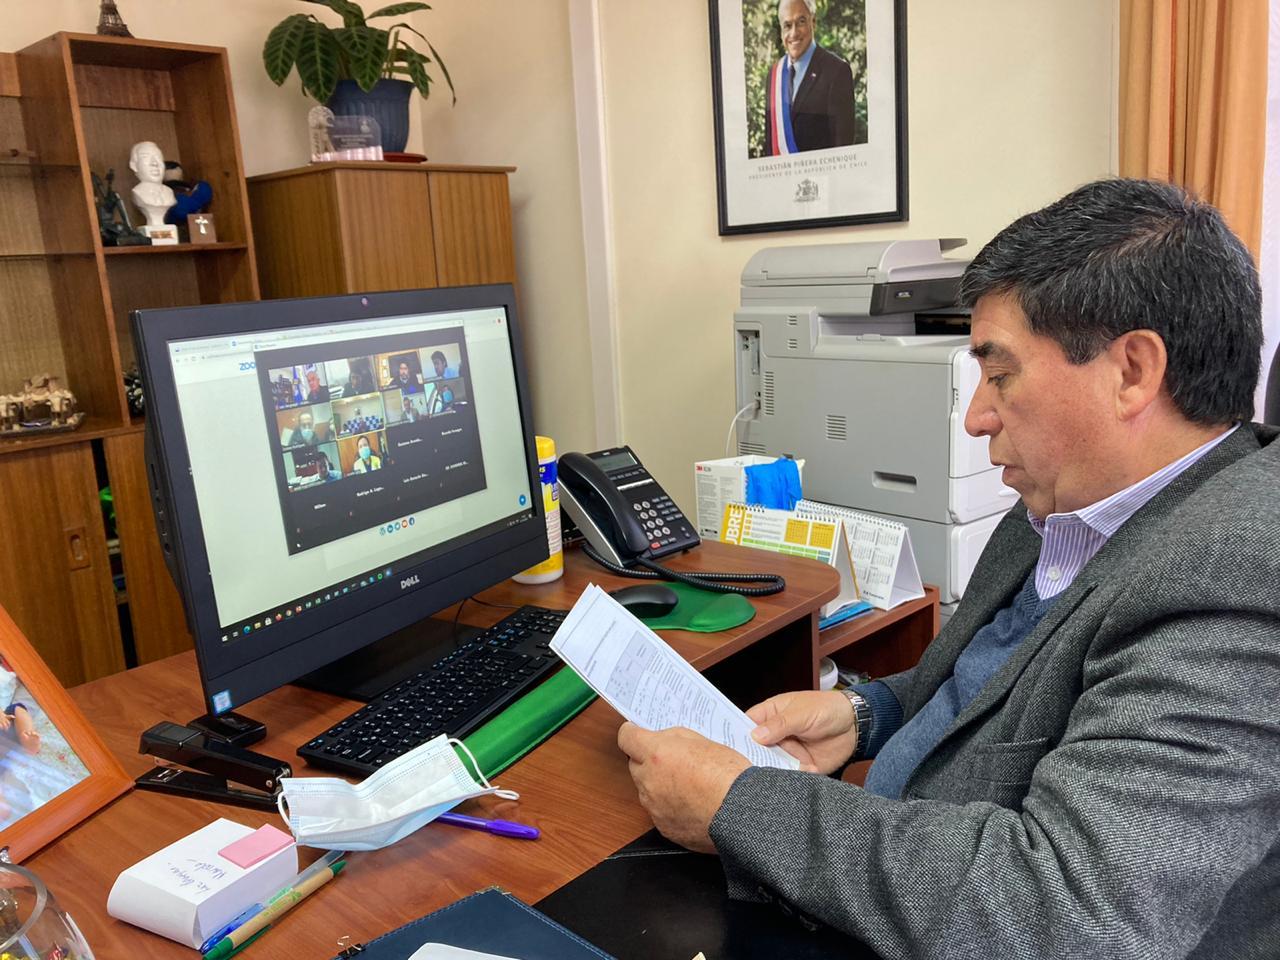 ALCALDE RADONICH SE REÚNE CON SUBSECRETARIO DE VIVIENDA Y EXPONE PRINCIPALES PROYECTOS HABITACIONALES QUE REQUIEREN APOYO ESTATAL EN LA COMUNA